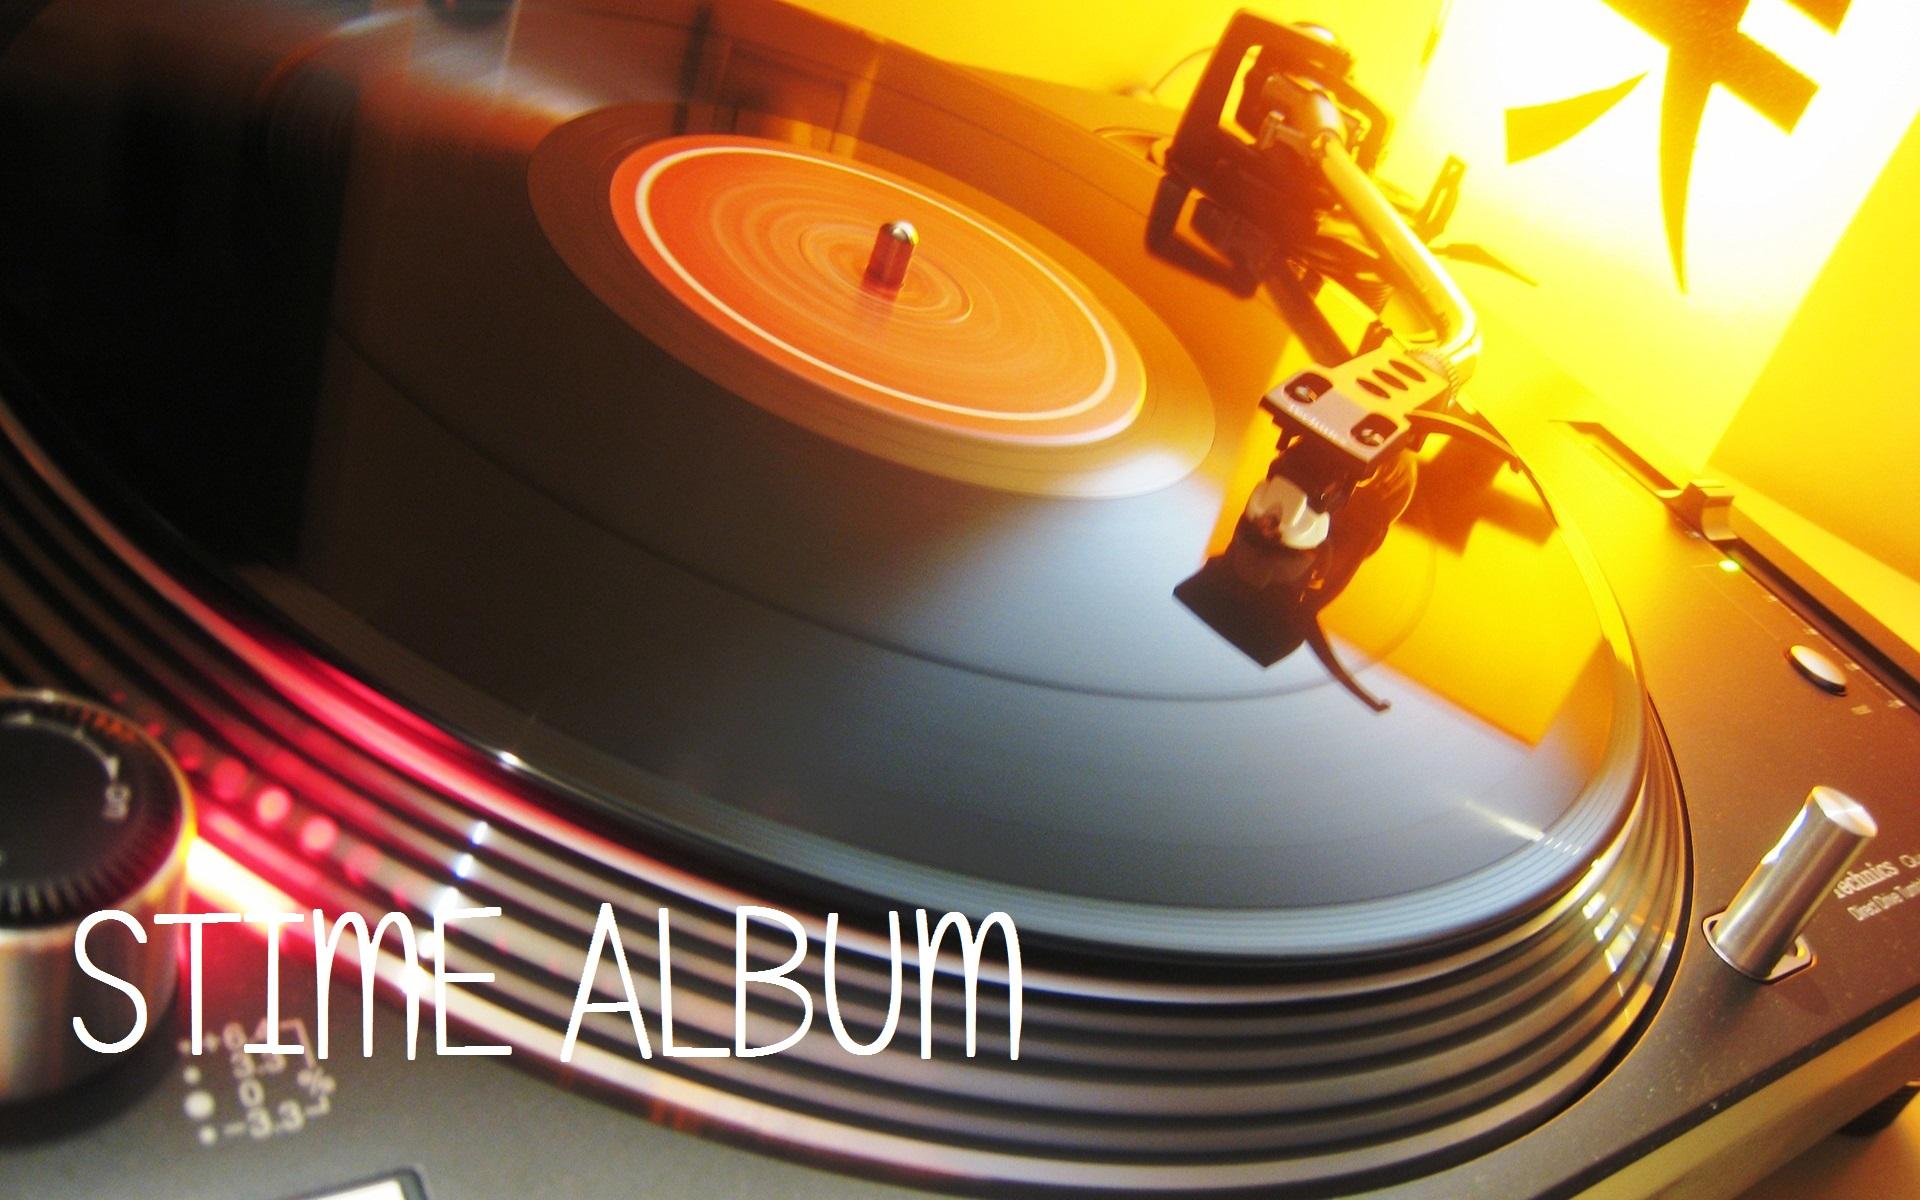 stime album